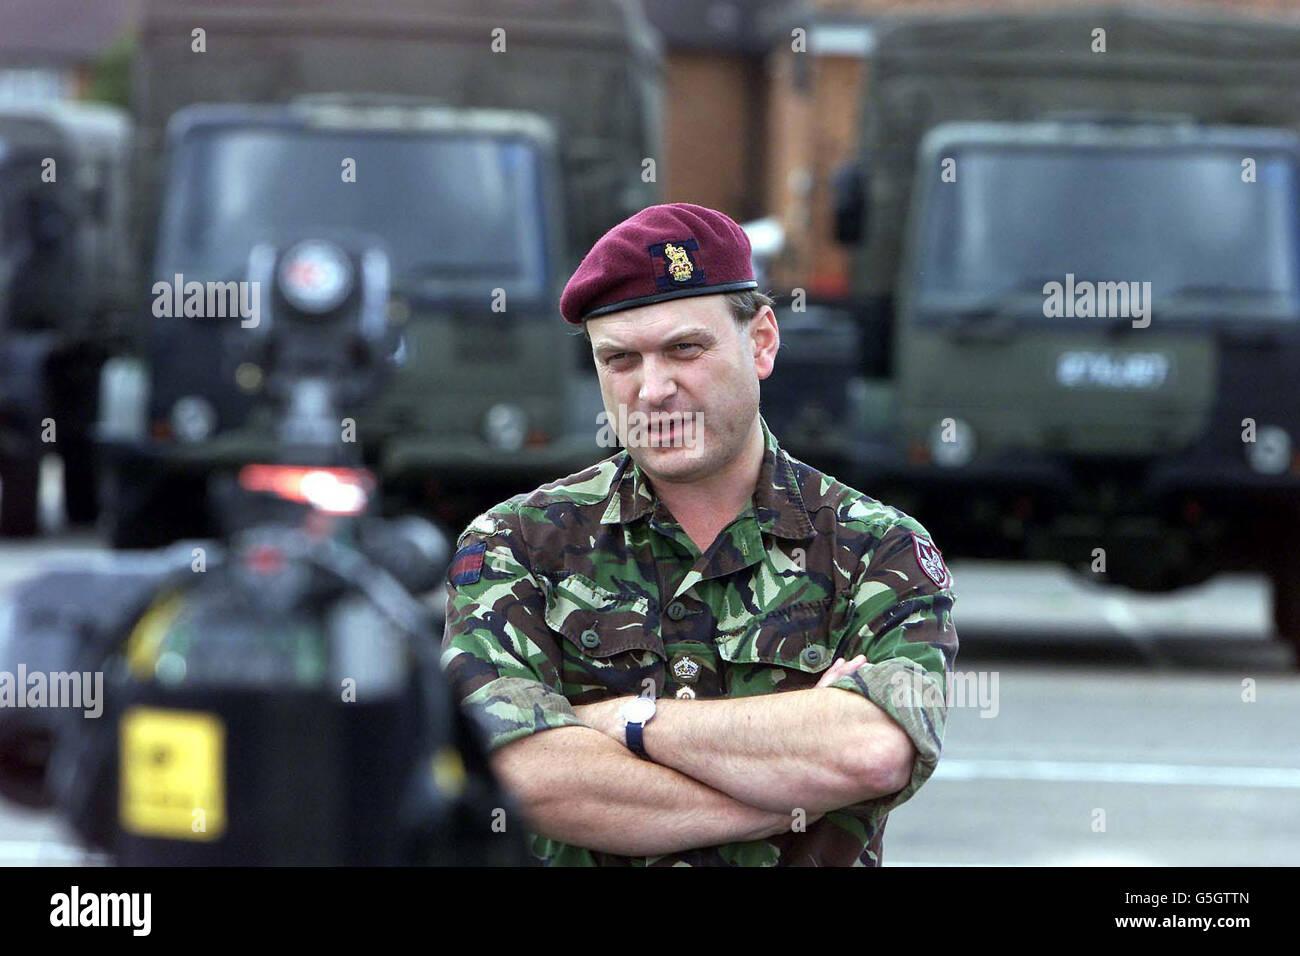 El Brigadier Barney White-Spunner, comandante de la Brigada de Asalto aéreo 16 en Goojerat Barracks, Colchester, se prepara para dirigirse a Macedonia después de que la OTAN diera el paso a la primera fase de la operación para desarmar a los rebeldes albaneses. * alrededor de 350 a 400 personas debían comenzar a ser desplegados en la región durante el fin de semana para establecer una sede para la operación denominada Essential Harvest. El papel del elemento Forward será determinar si será posible que una fuerza de la OTAN aplique el plan de recolección de armas acordado por el gobierno macedonio y el rebelde Foto de stock